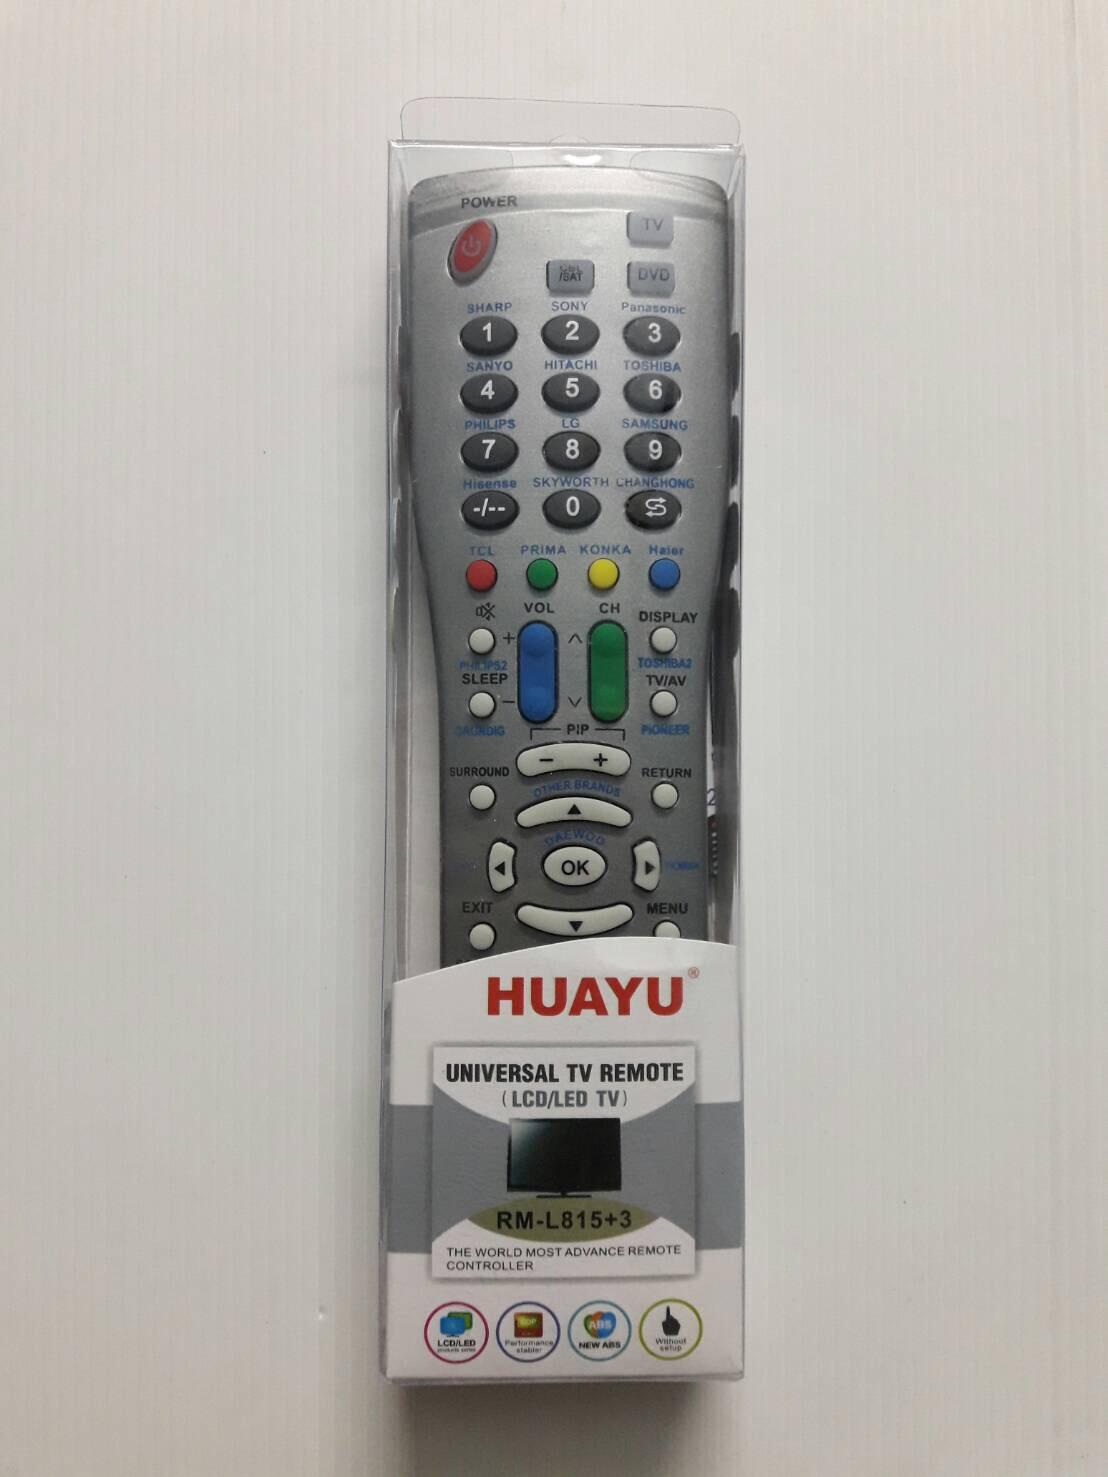 รีโมทรวมทีวี lcd led sharp ชาร์ป RM-L815+3 ใช้ได้กับทุกรุ่น